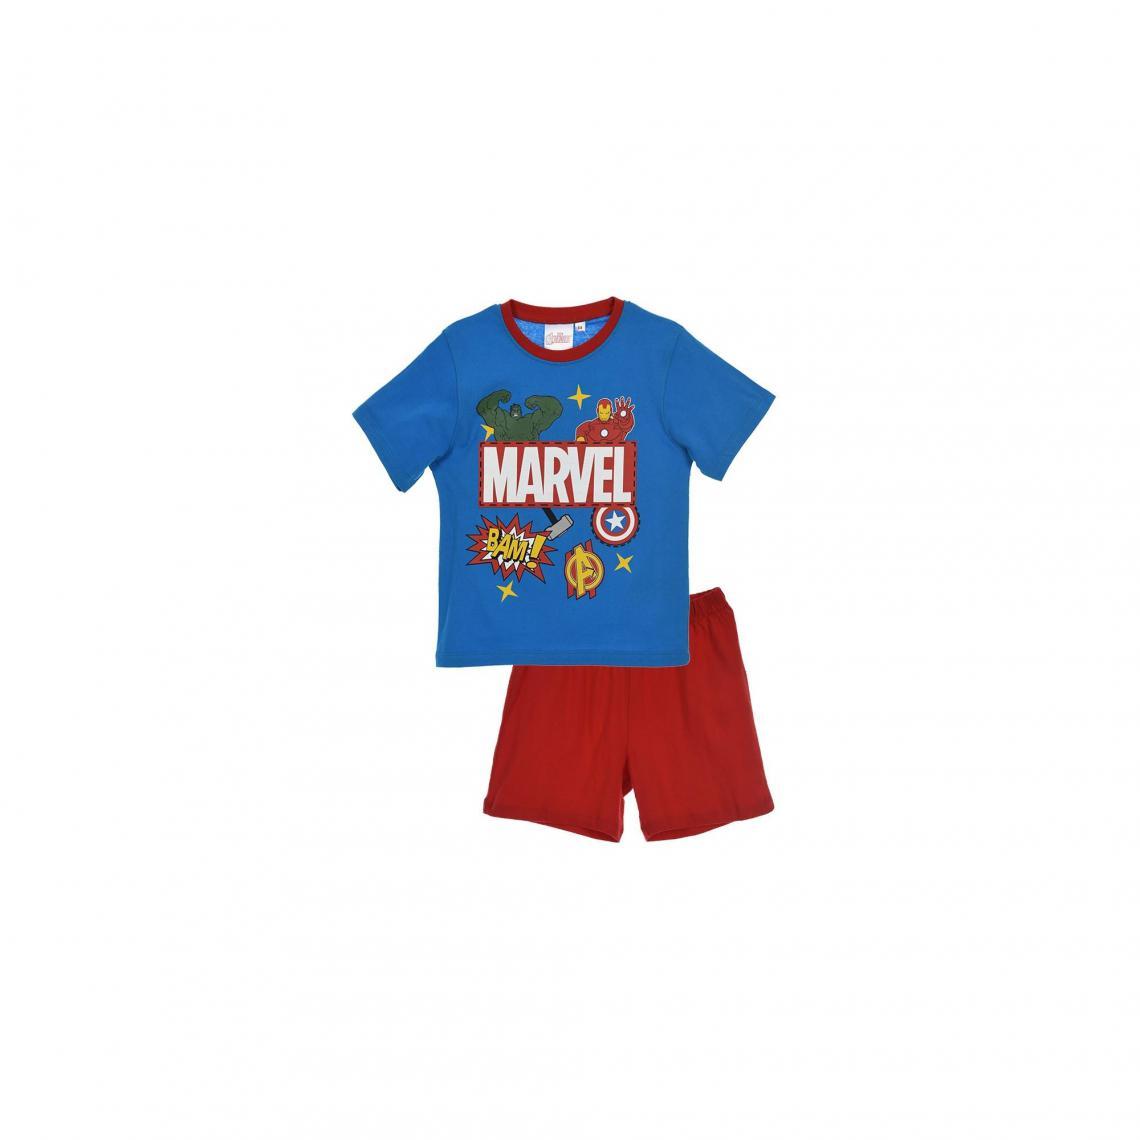 Pyjama short coton gar�on Avengers - Rouge - 3Suisses